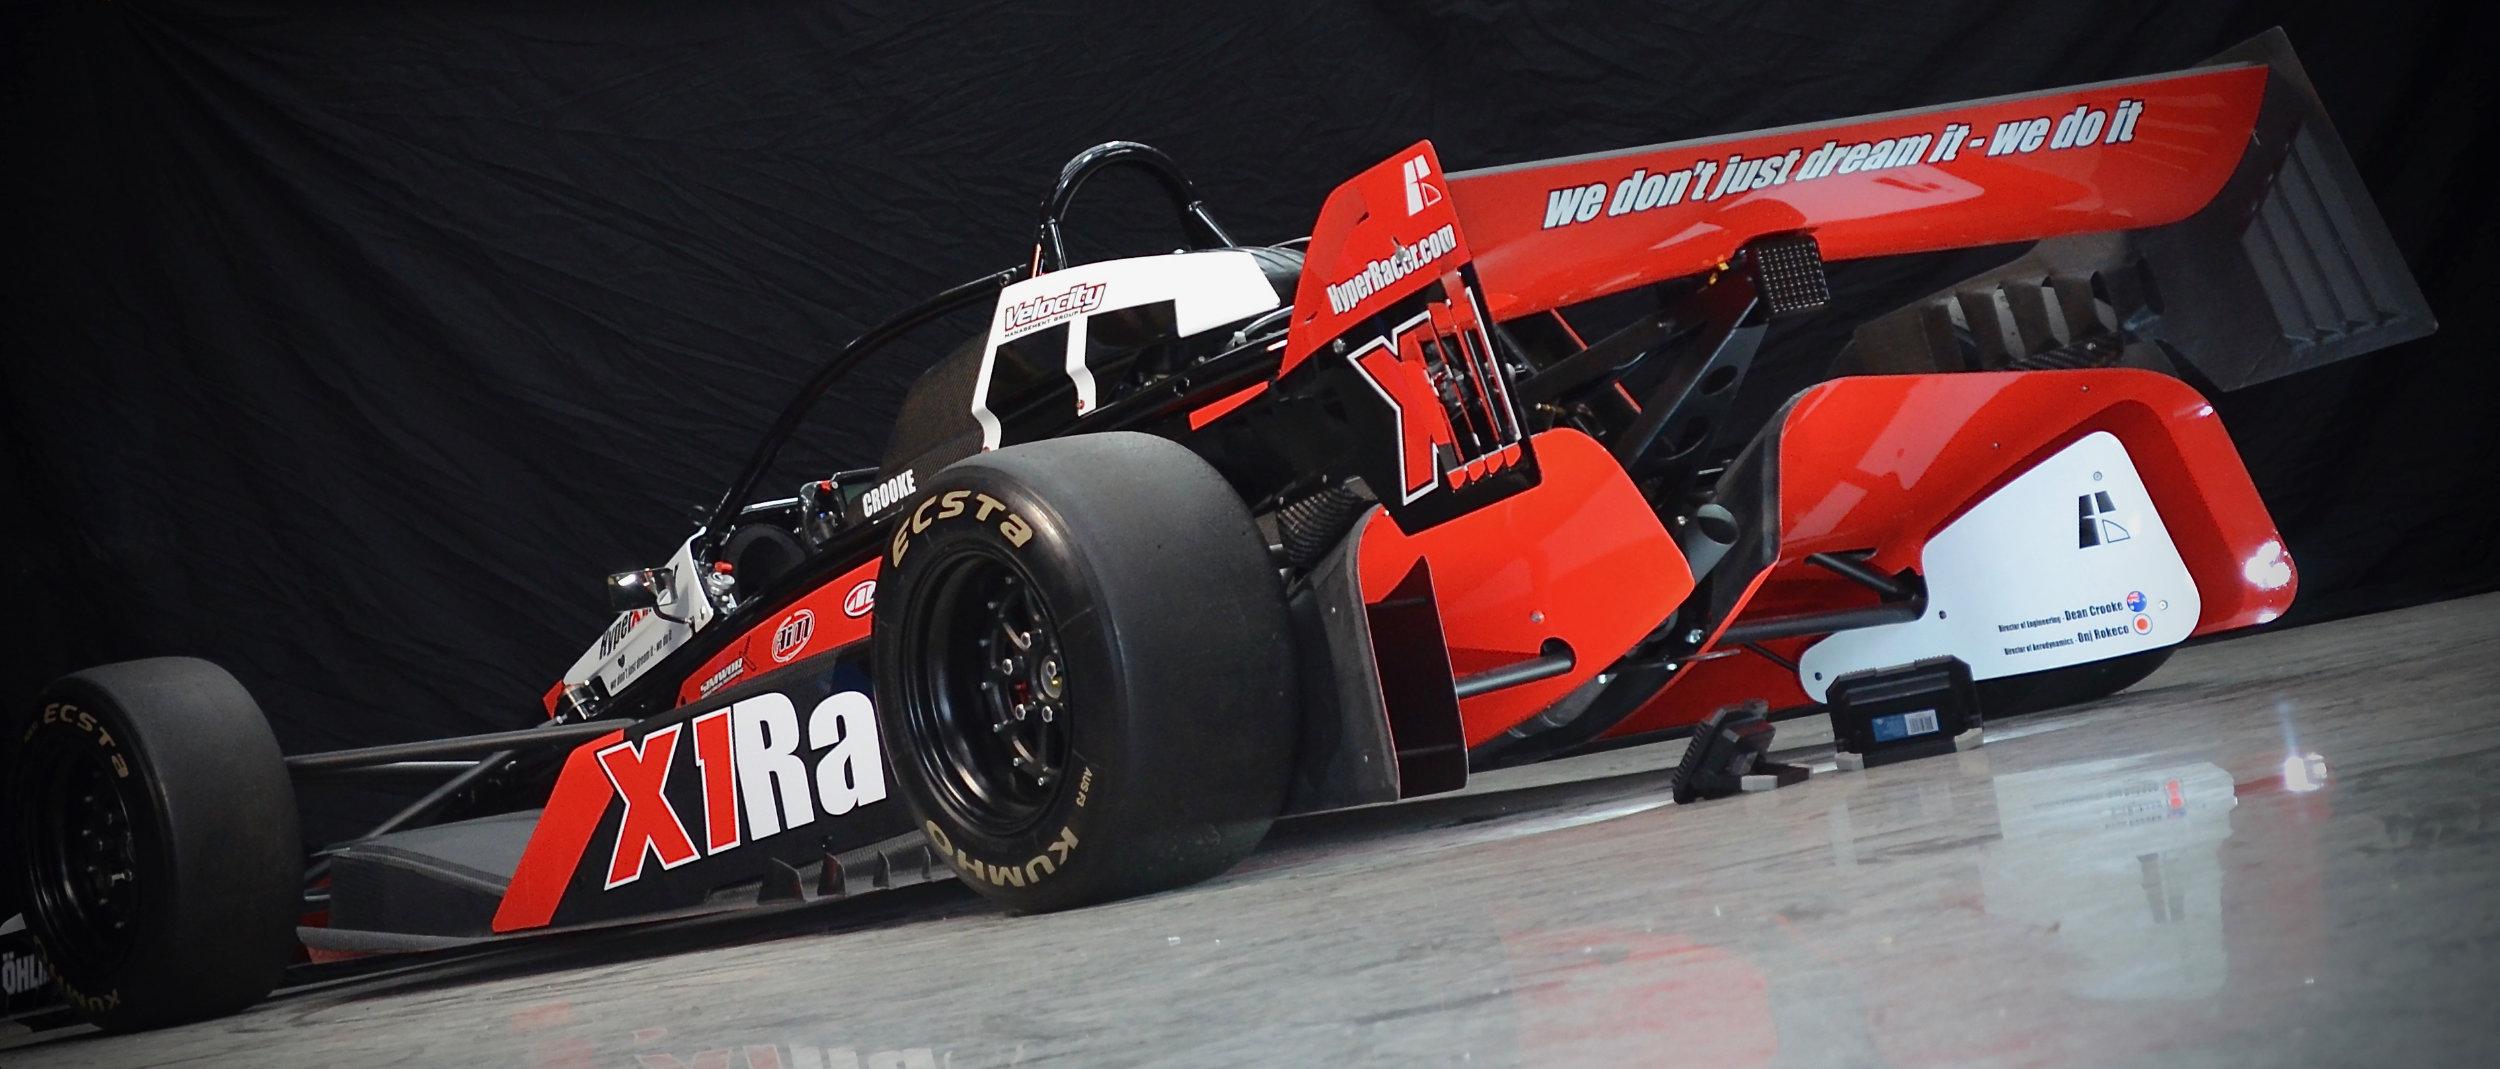 HyperX1Racer rear 1s